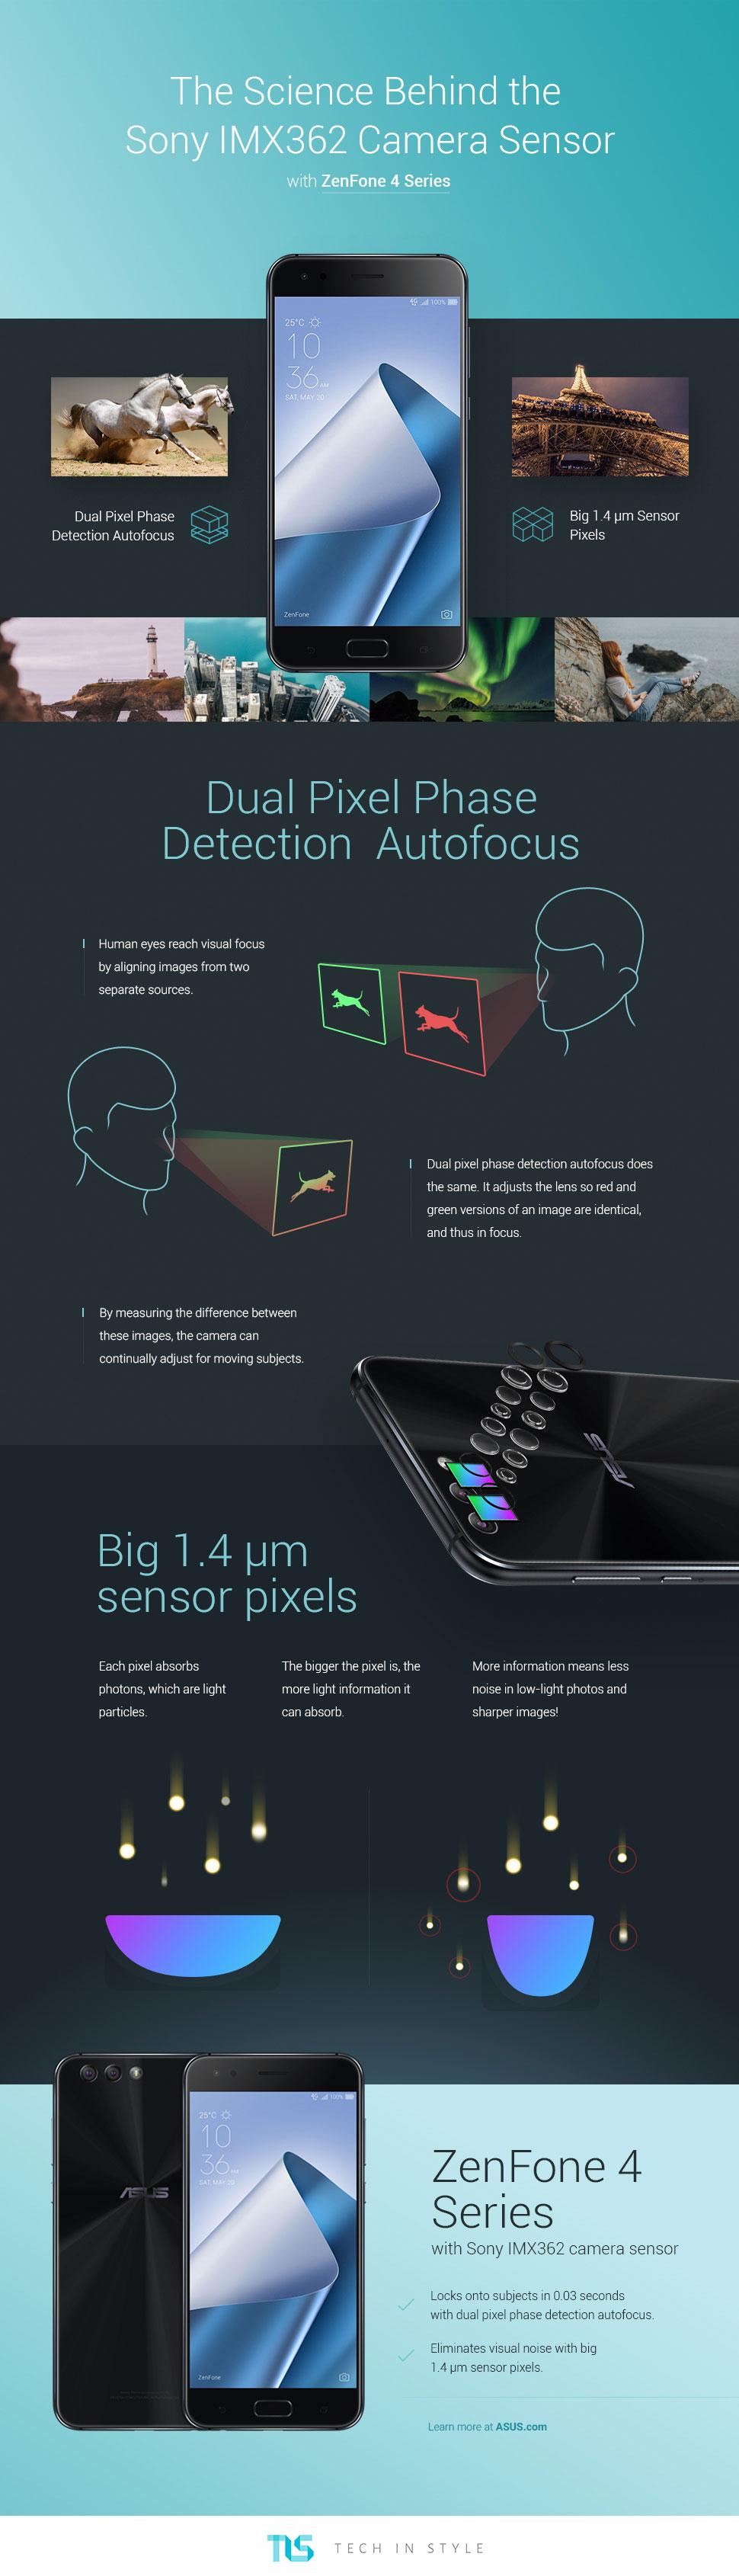 Sony IMX362 infographic